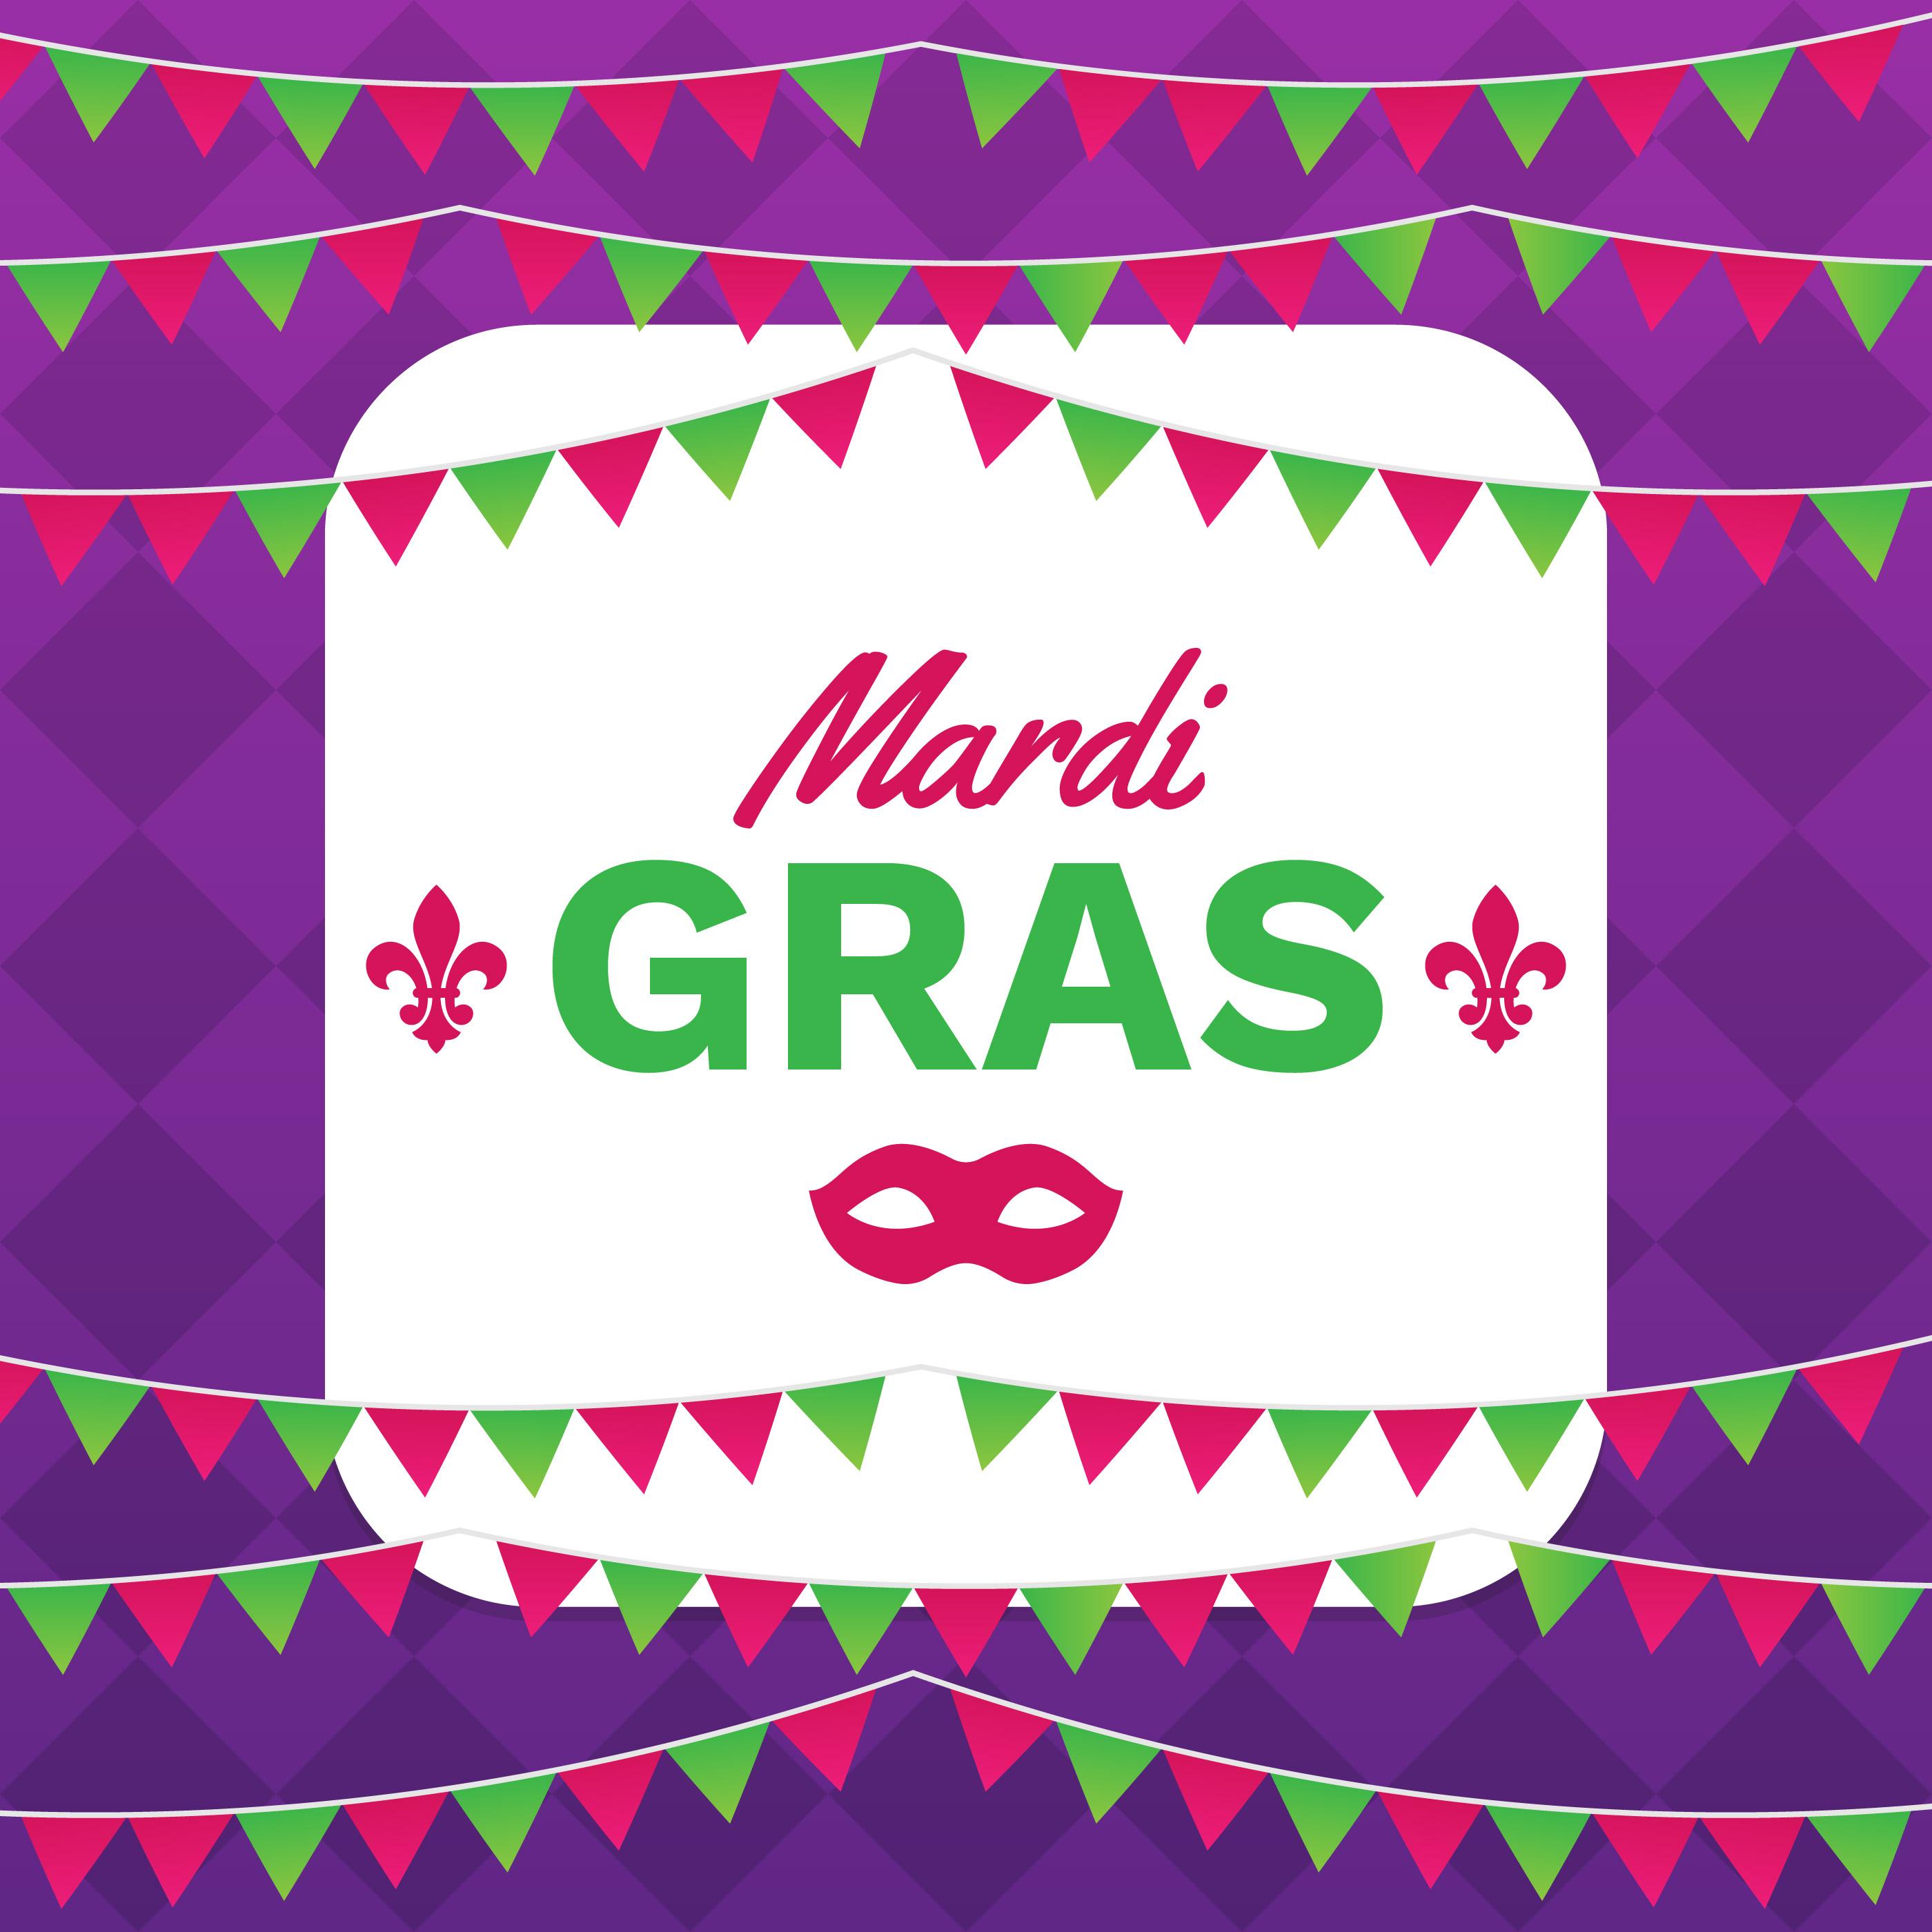 Mardi Gras Frame Vorlage mit Platz für Text - Kostenlose Vektor ...